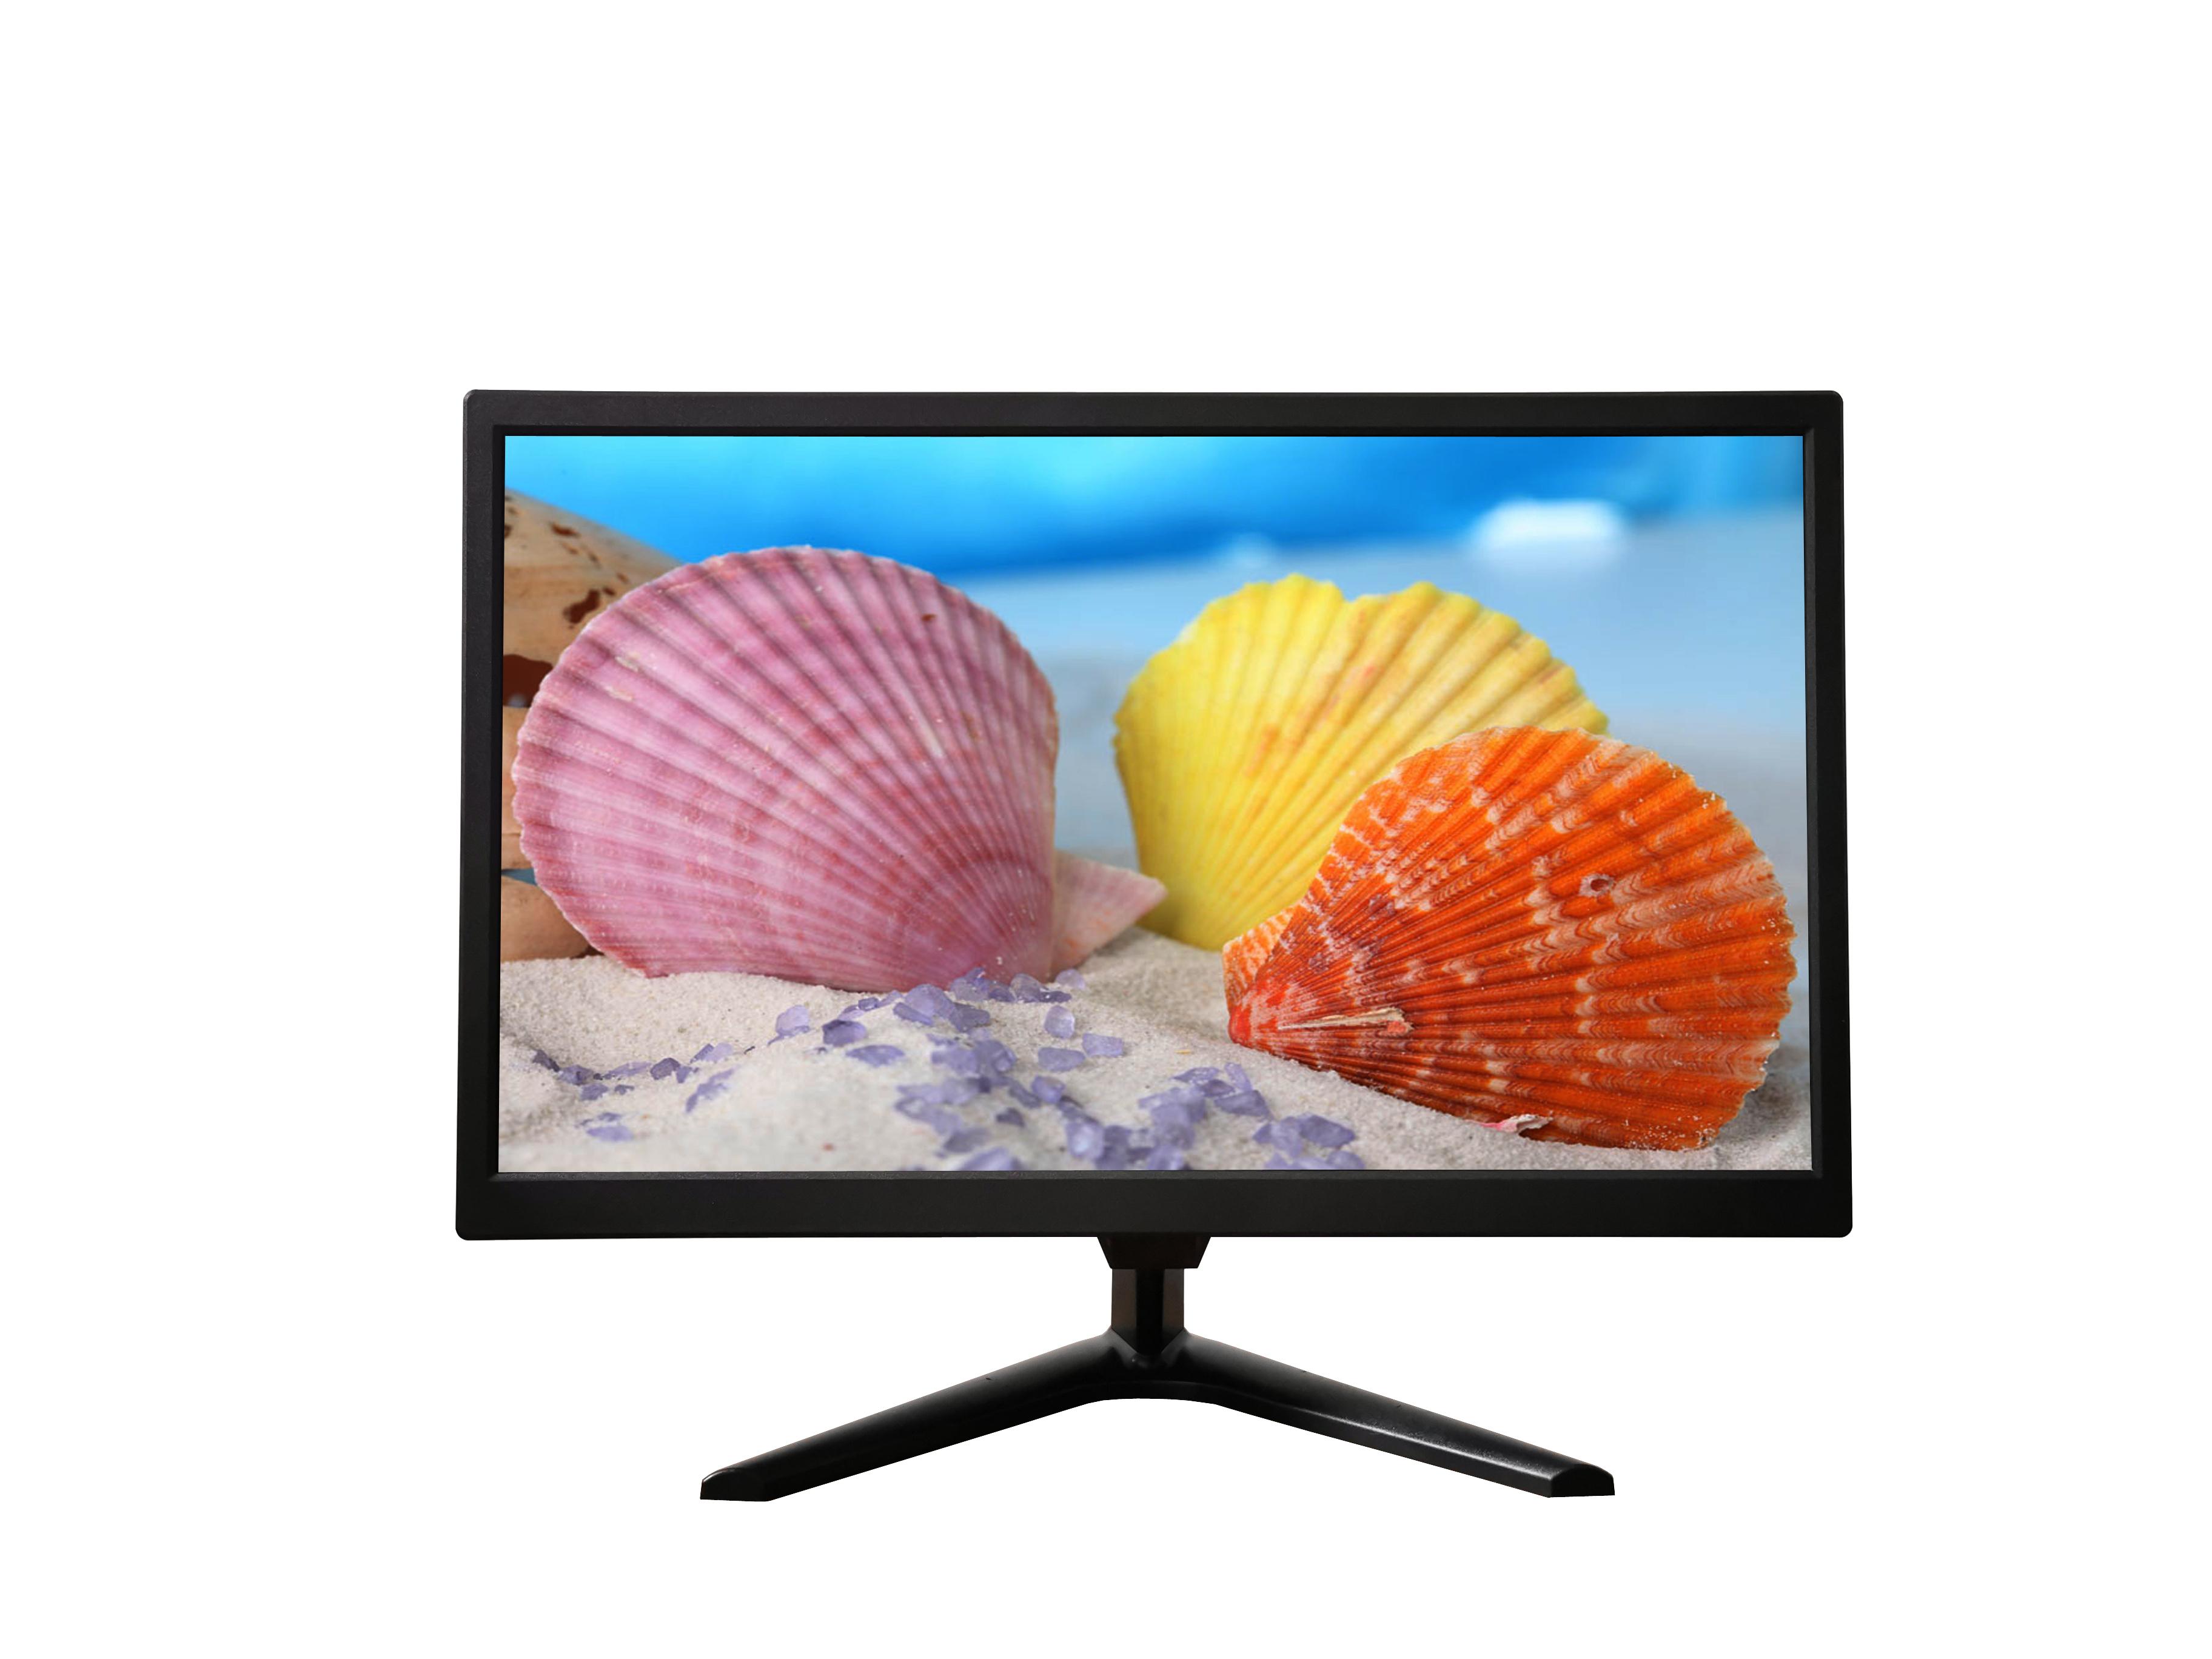 smart tv ecran plat led petit format televiseur solaire avec dc 12v 15 17 ou 19 pouces buy tv led television television solaire 12v product on